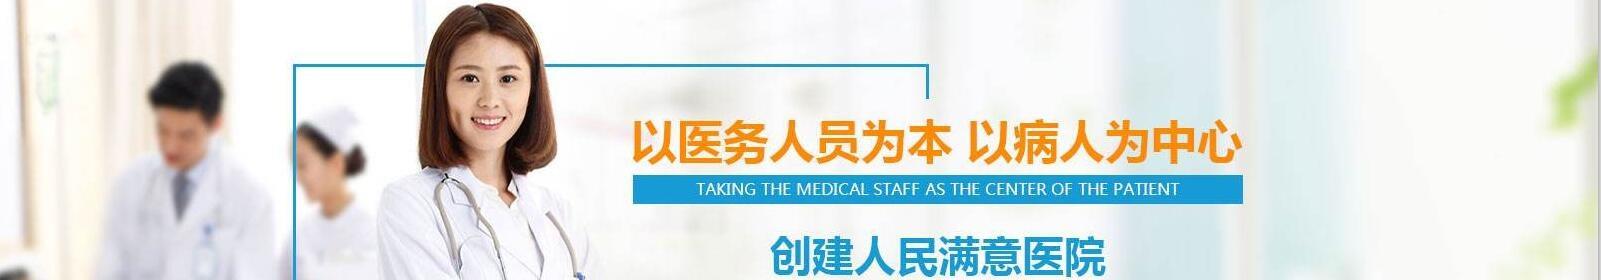 广州治疗不孕的医院哪家好